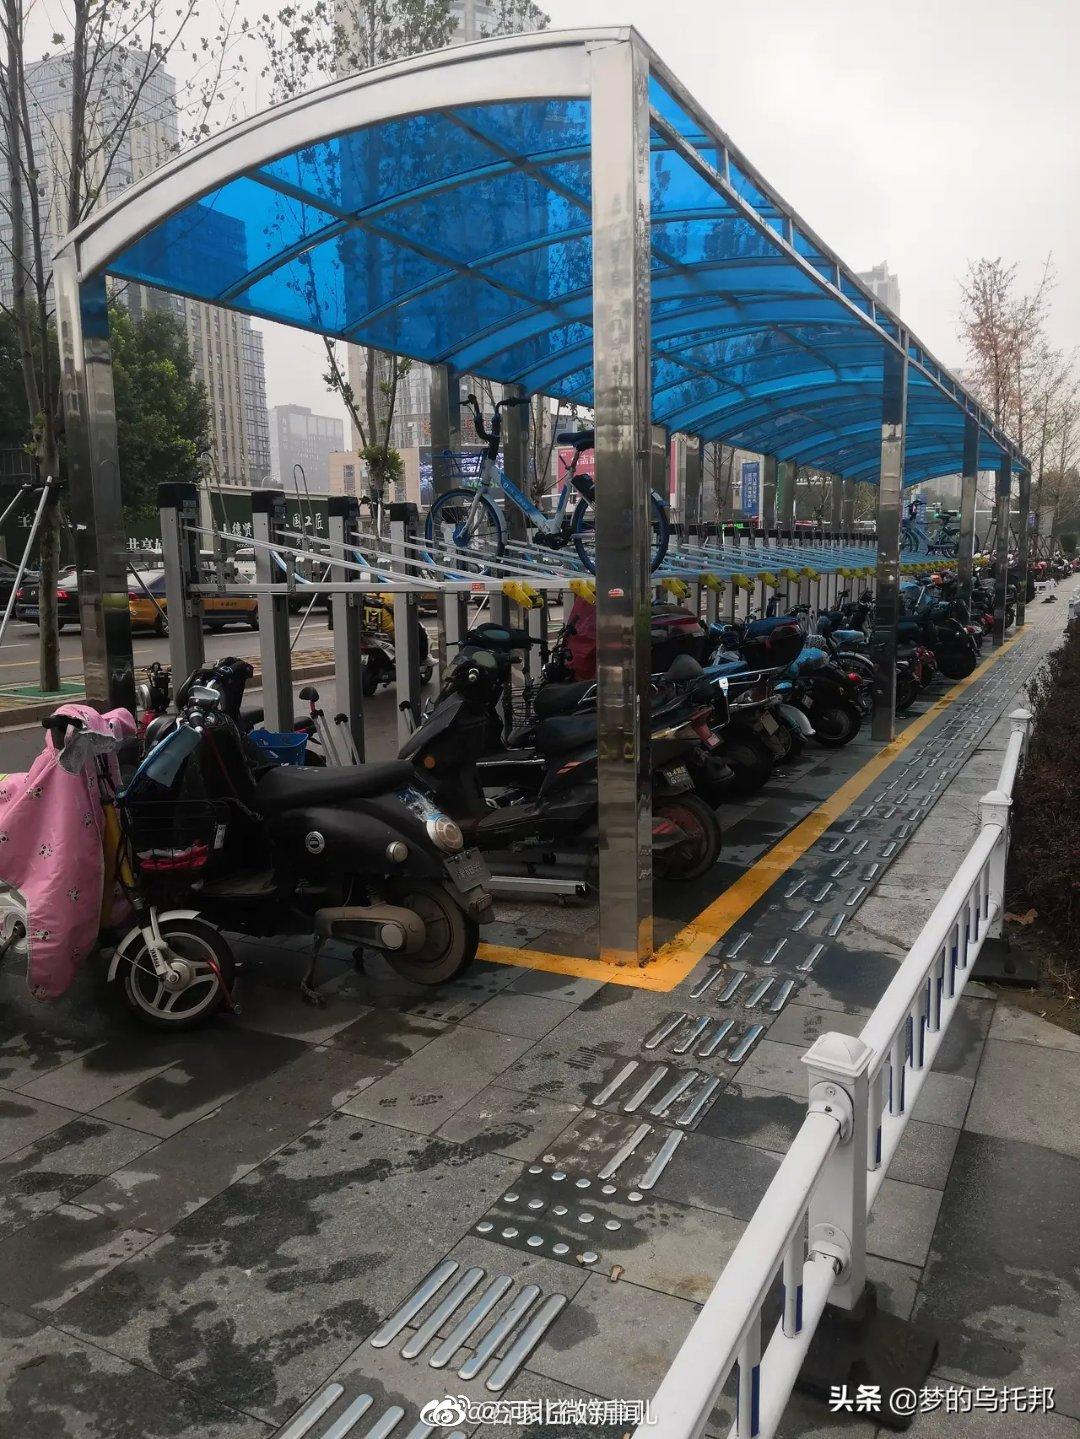 石家庄近日雨天频繁,共享单车立体停车棚,二层几乎没车